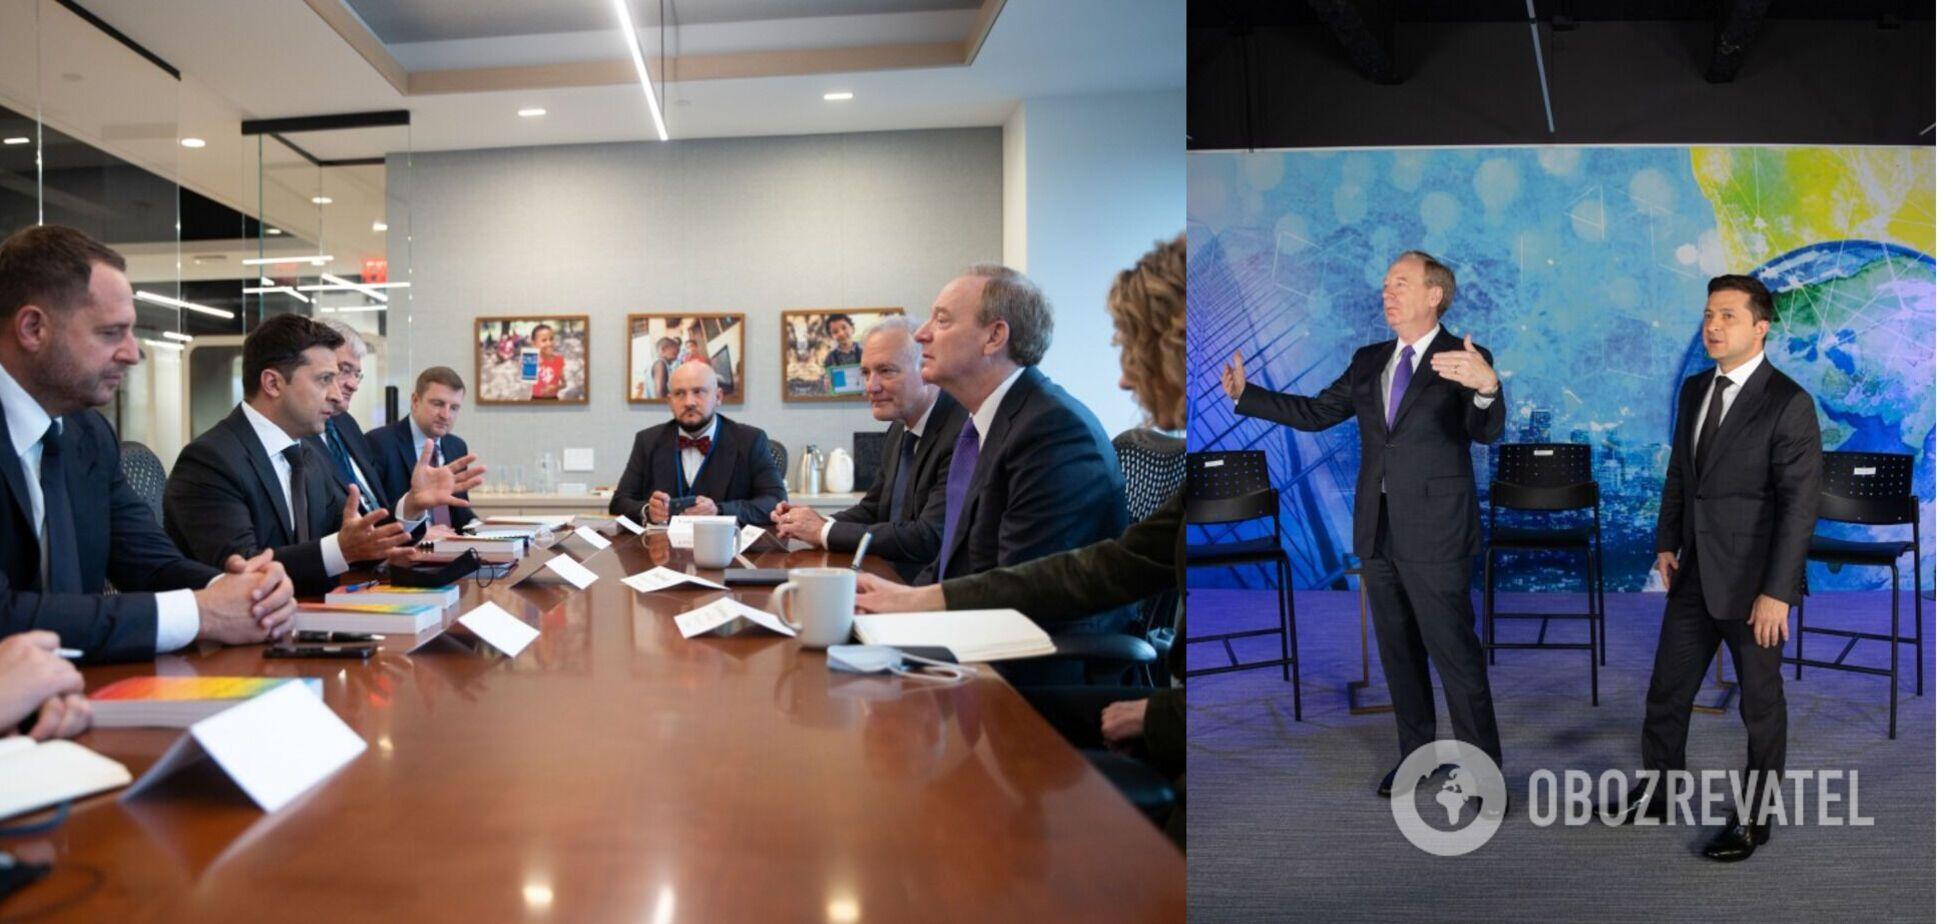 Зеленский обсудил с главой Microsoft создание дата-центра в Украине и систему е-голосования